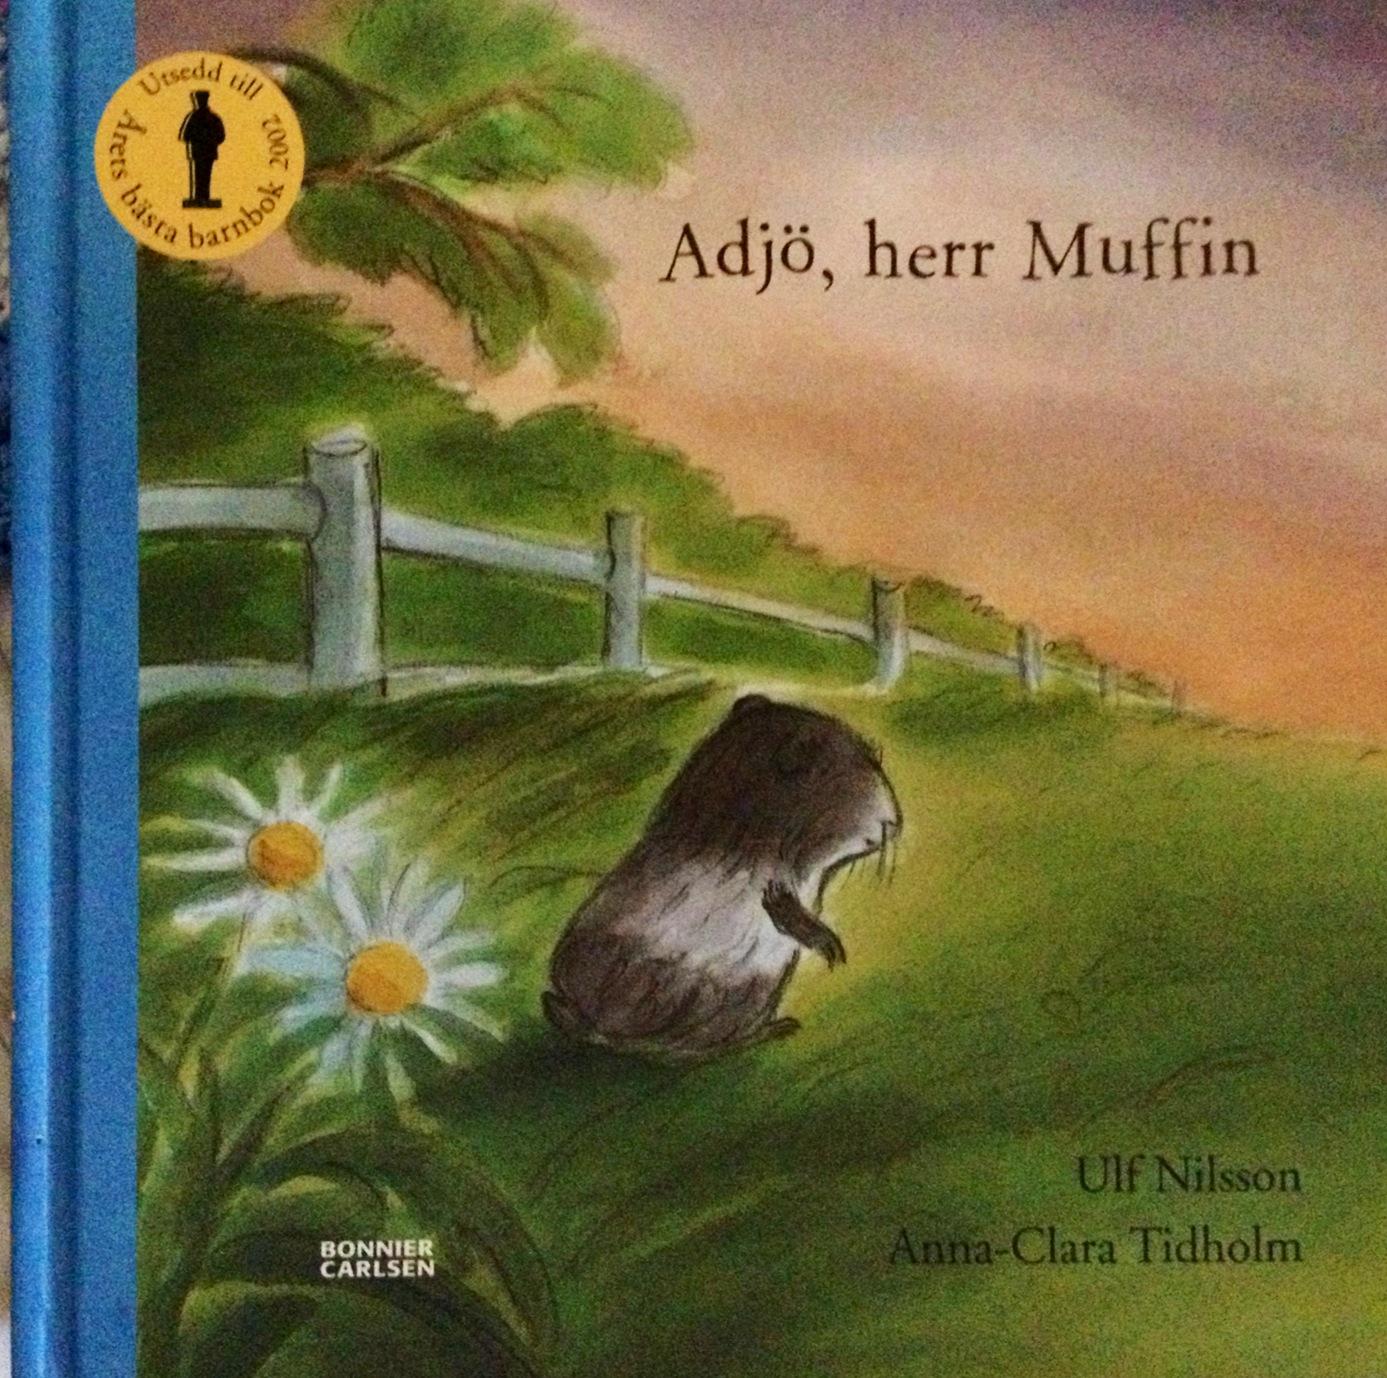 Bildresultat för Adjö, herr Muffin